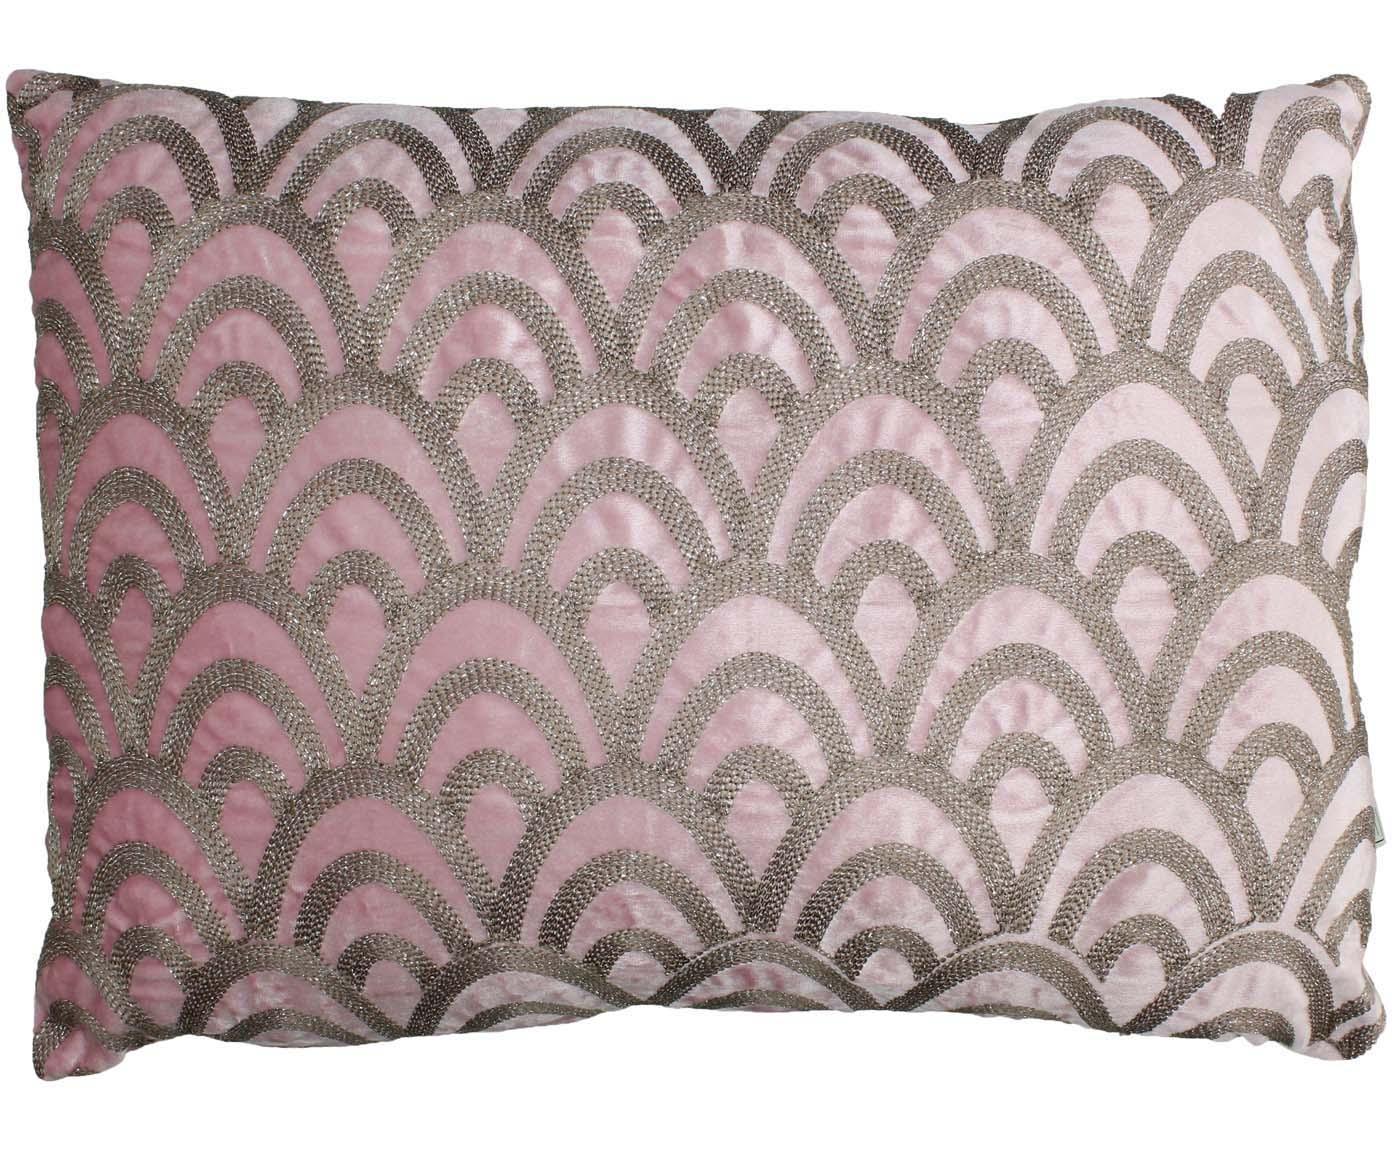 Cojín bordado de terciopelo Trole, con relleno, Terciopelo, Rosa, plateado, An 40 x L 60 cm